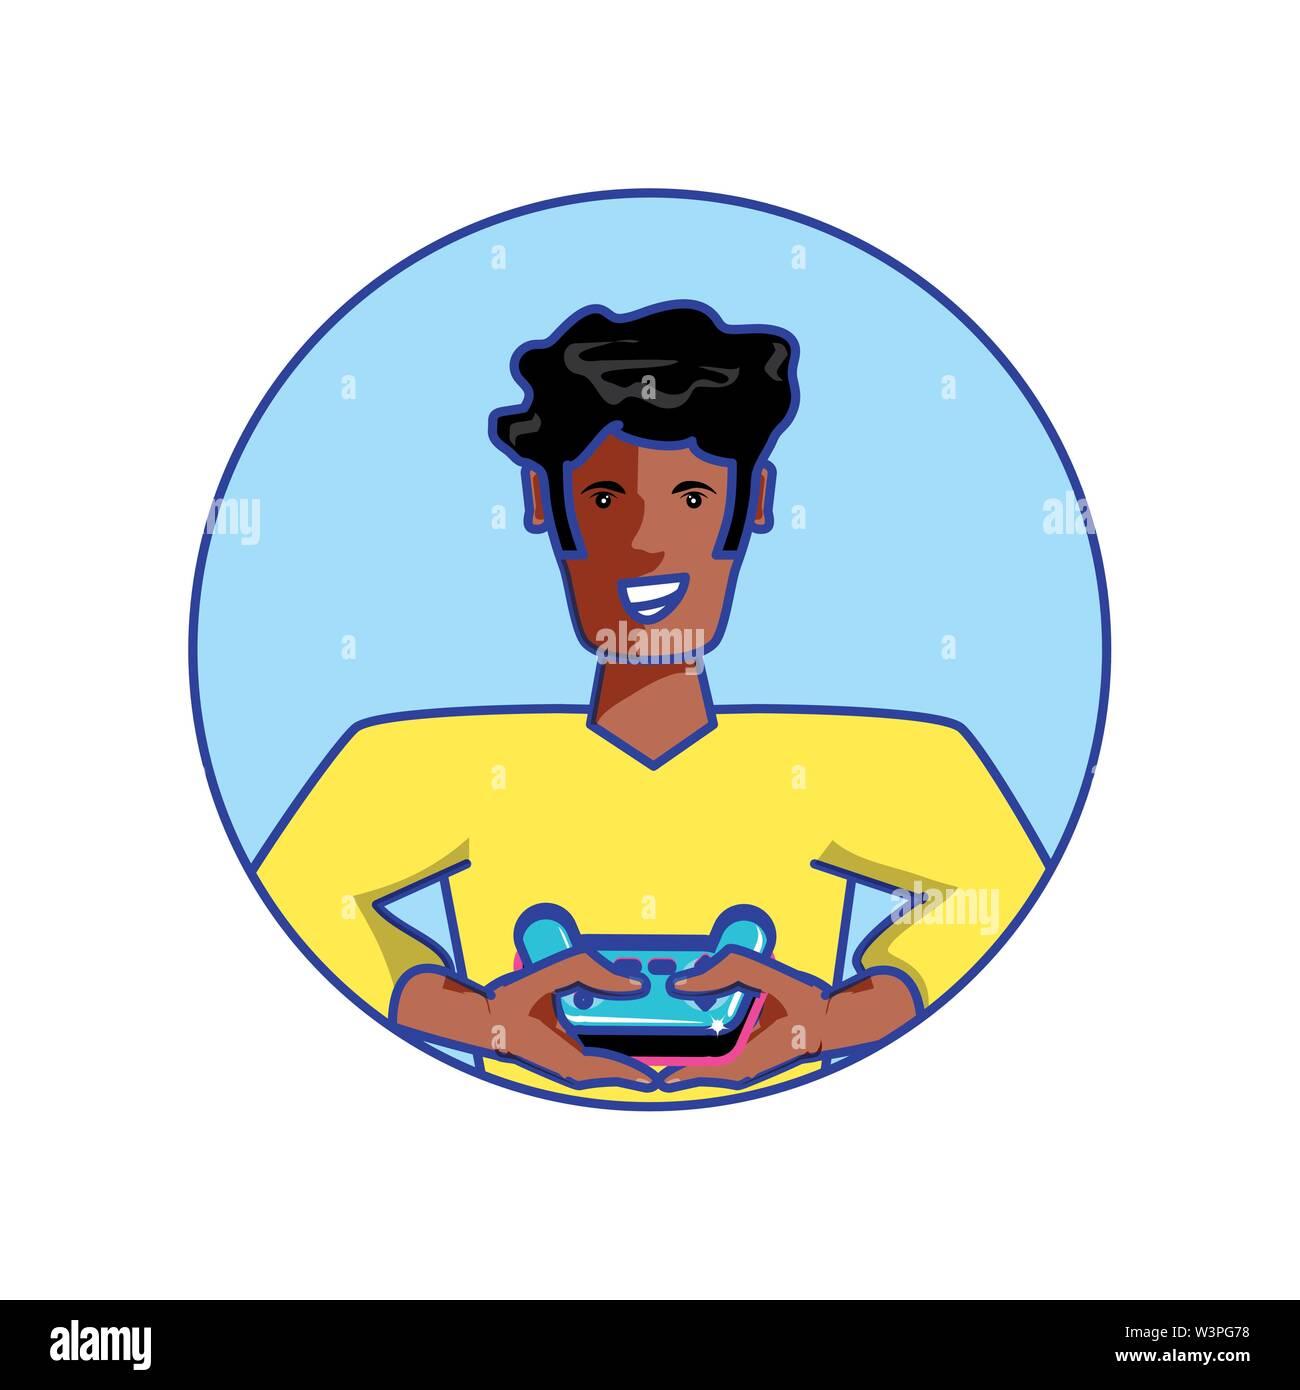 Afro joven muchacho usando control de videojuegos, diseño de ilustraciones vectoriales Imagen De Stock